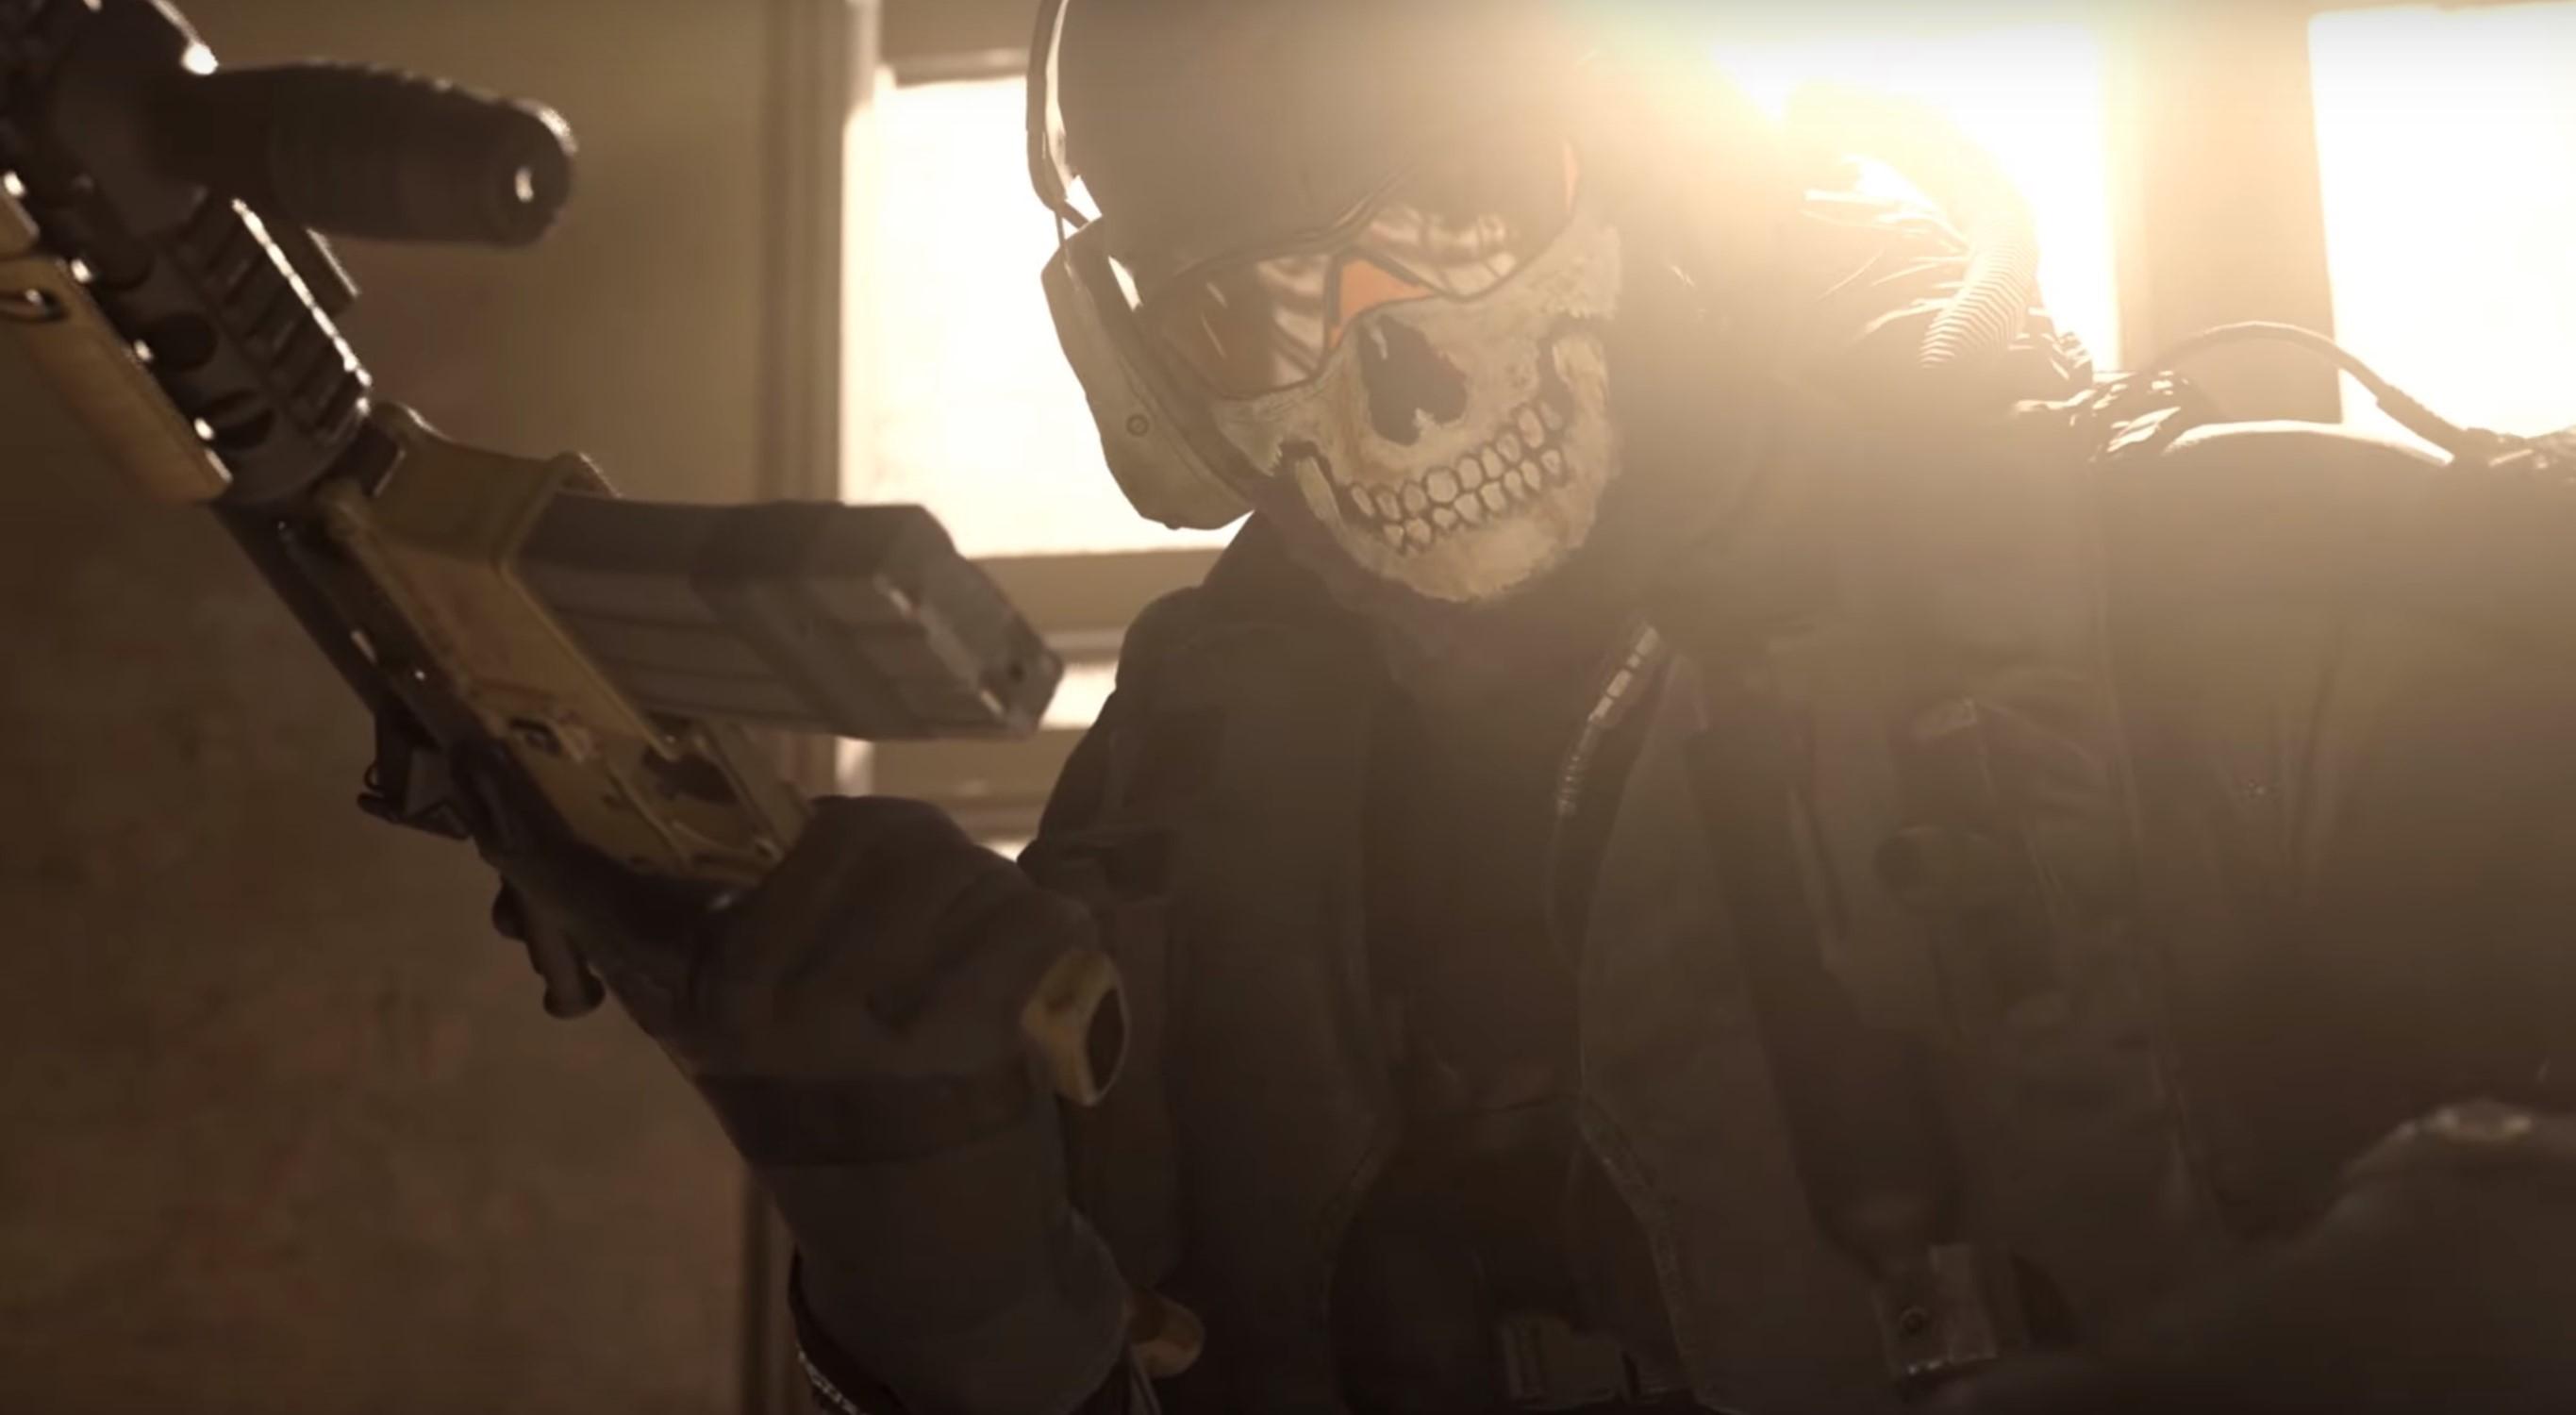 Zew Powinności wzywa! Call of Duty: Modern Warfare 2 Campaign Remastered jest już dostępne na Xbox One i PC